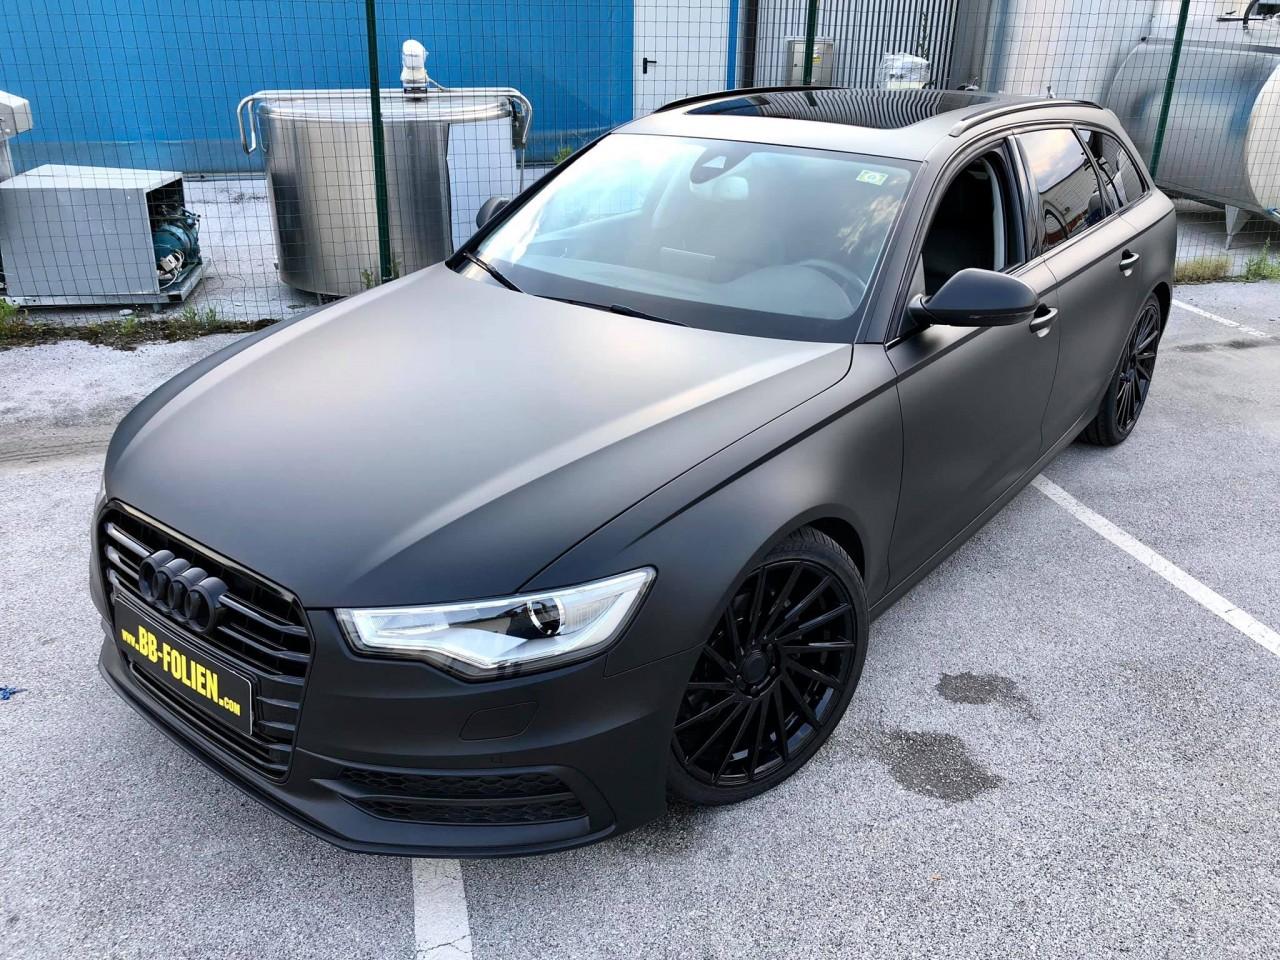 Folierung Audi A6 Kpl In Schwarz X Matt Chrom Teile Kpl In Schwarz G